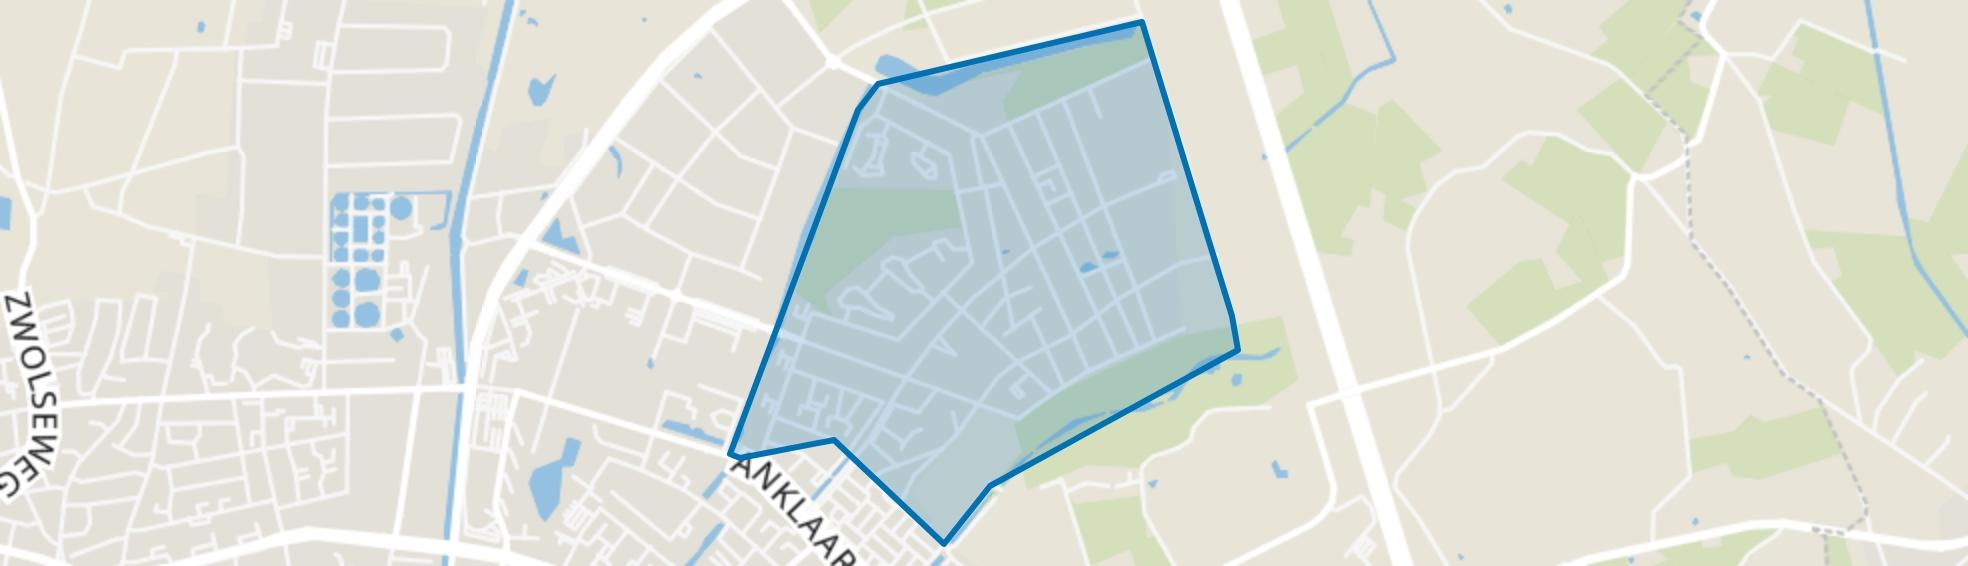 Zuidbroek - Mozaïek & Rooster, Apeldoorn map